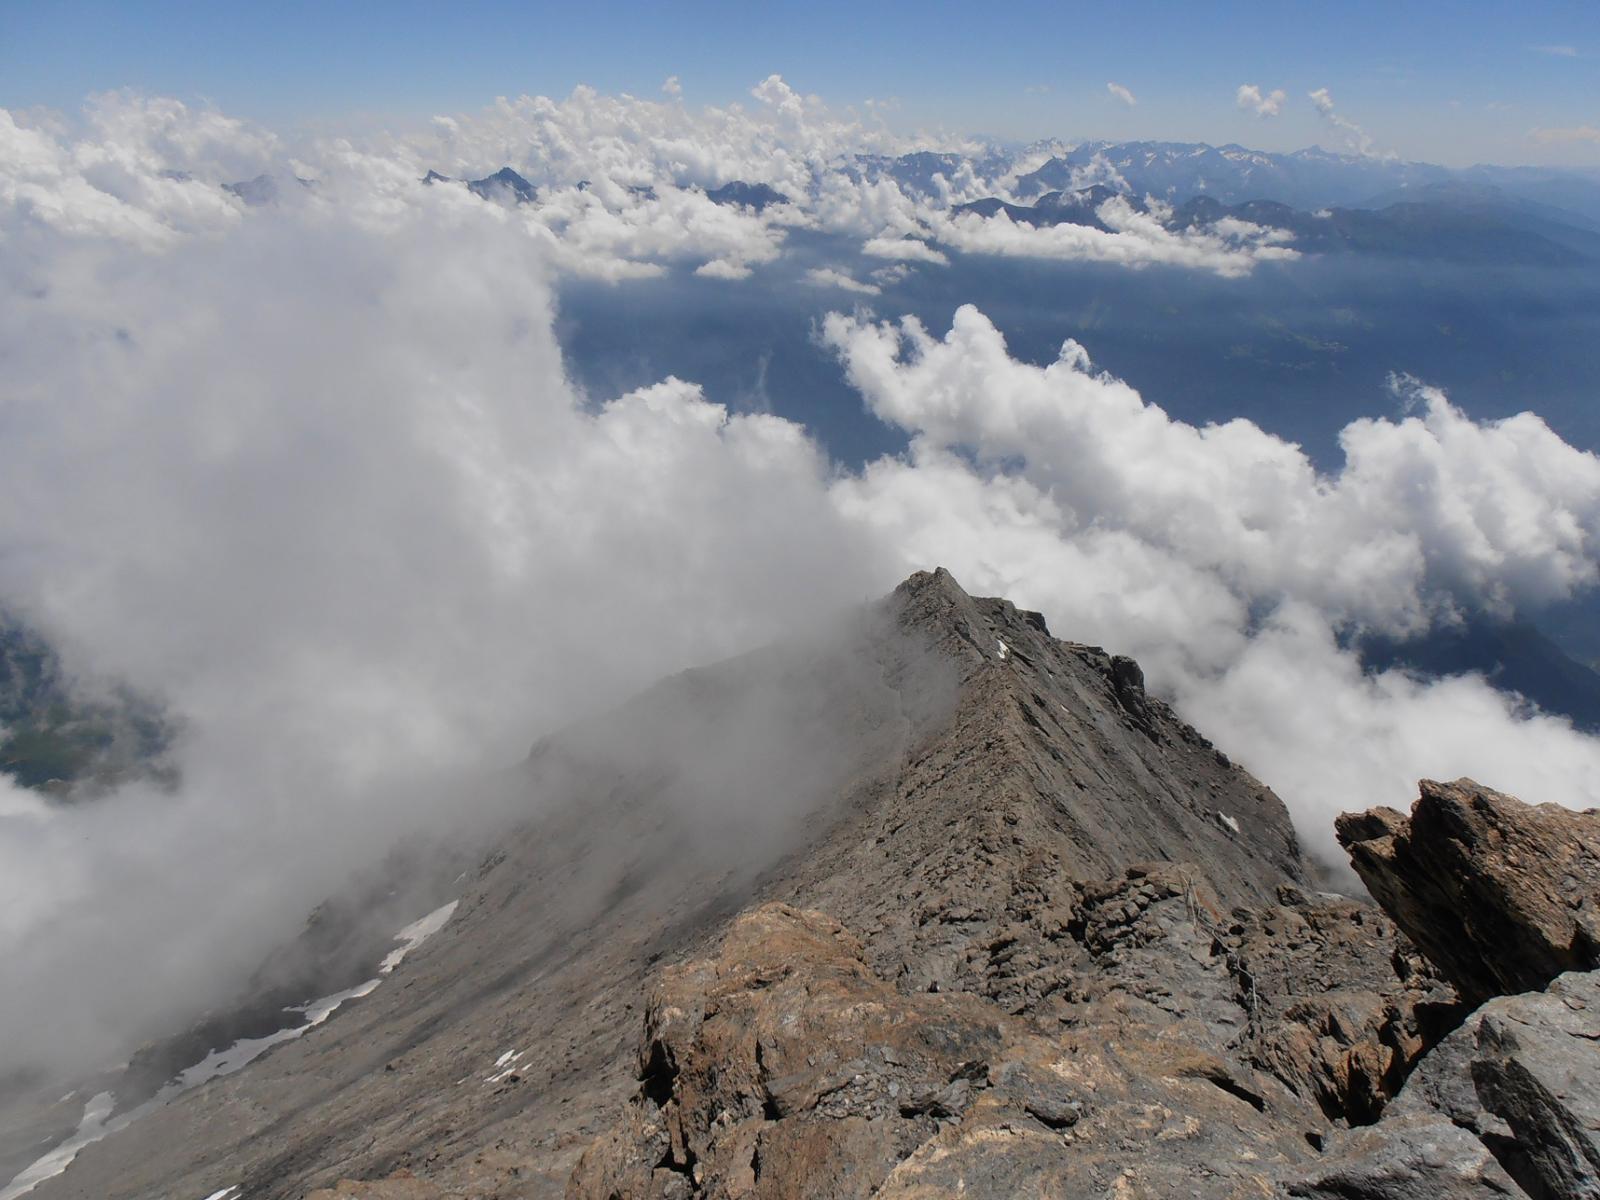 03 - sopra le nuvole al pomeriggio